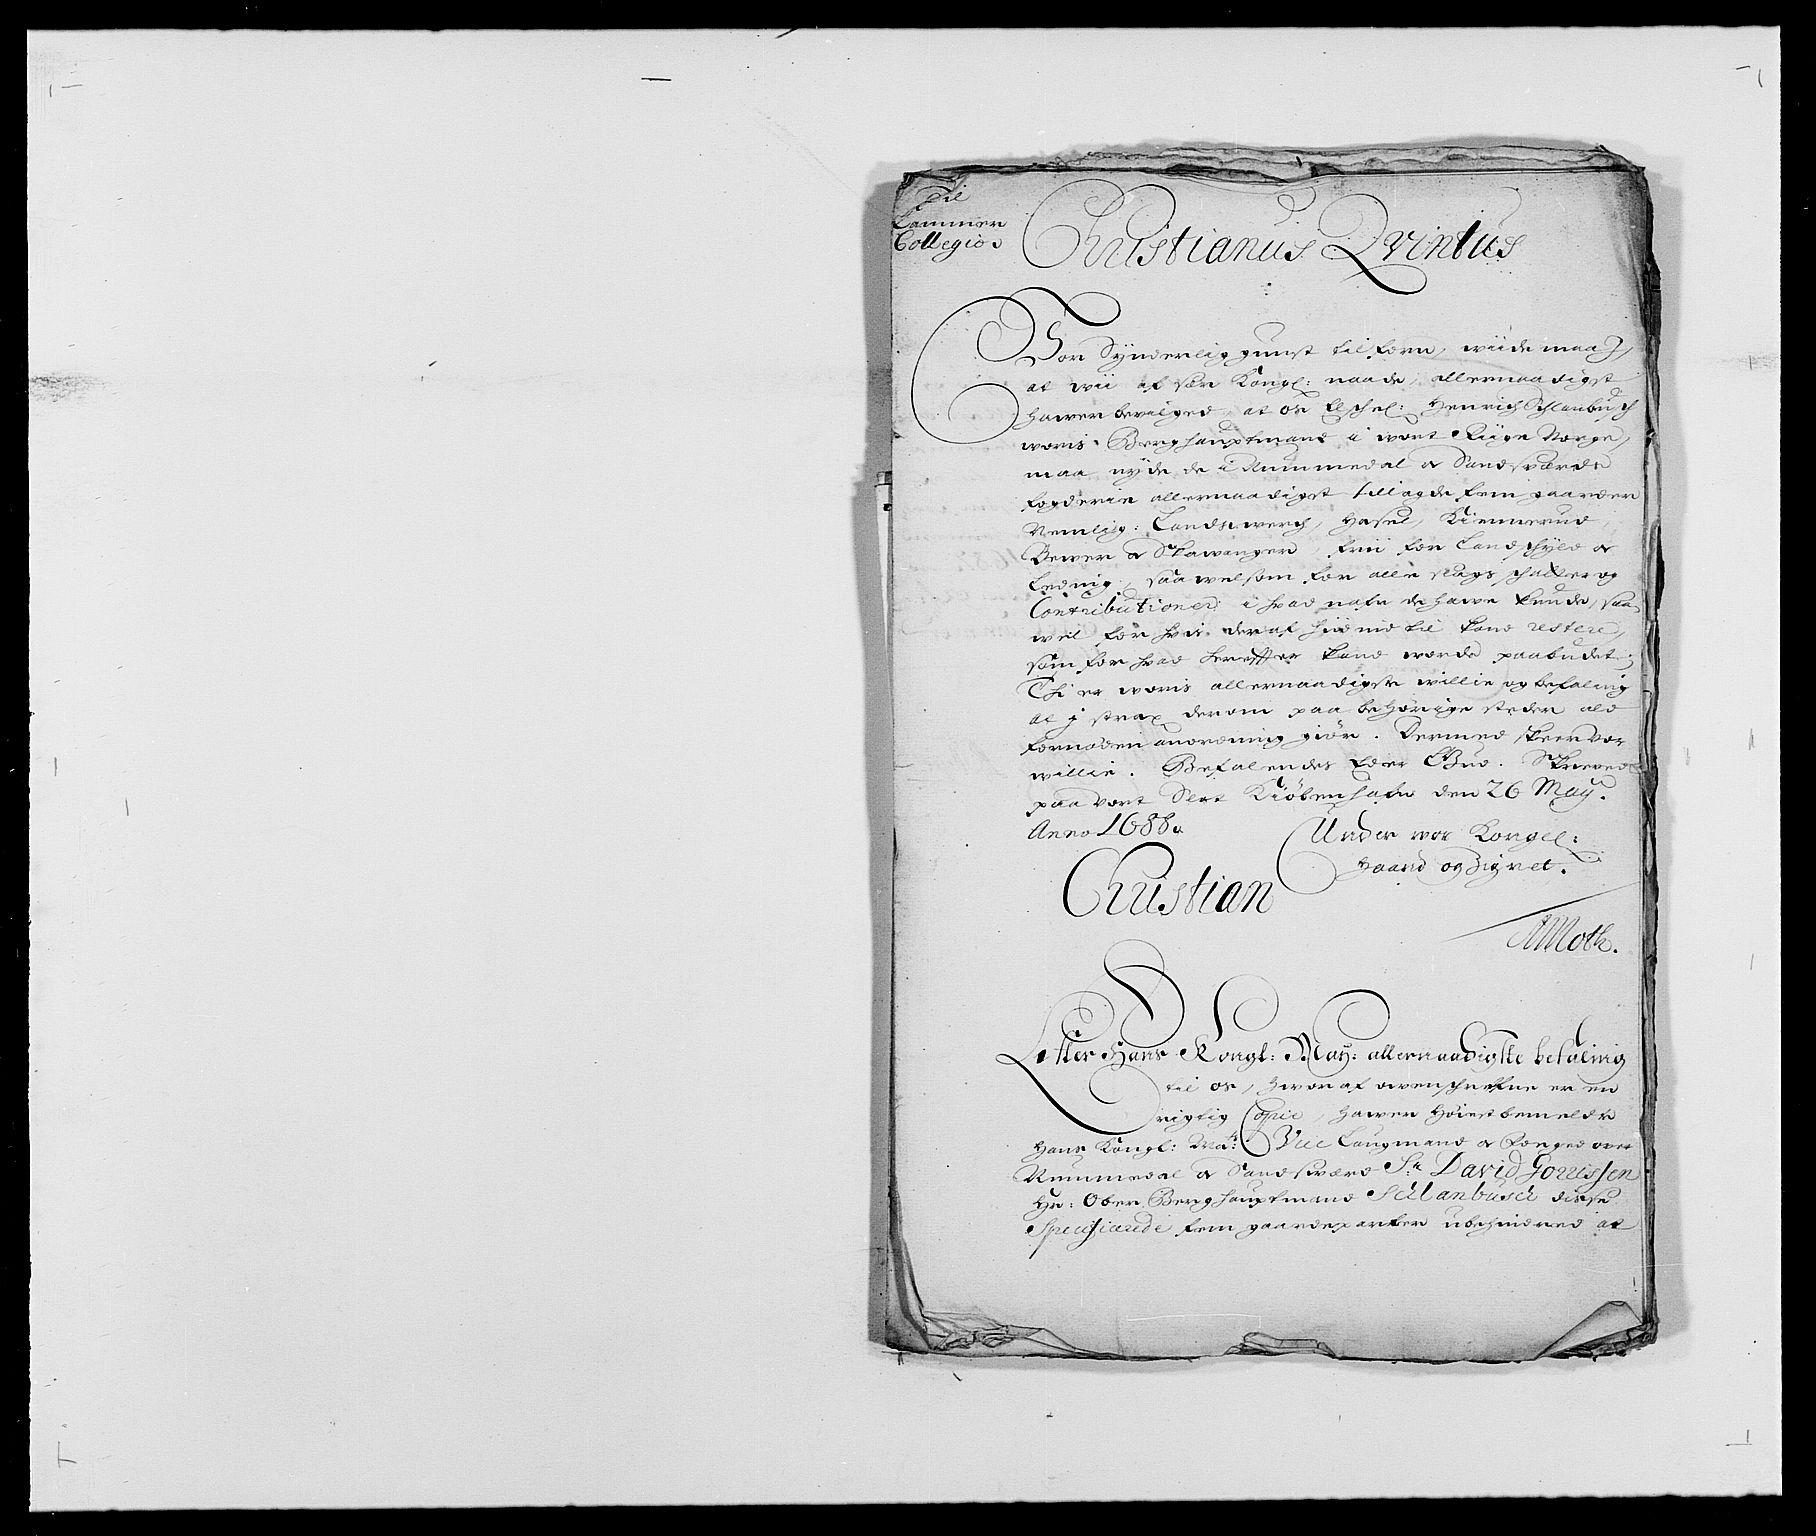 RA, Rentekammeret inntil 1814, Reviderte regnskaper, Fogderegnskap, R24/L1574: Fogderegnskap Numedal og Sandsvær, 1688-1691, s. 2